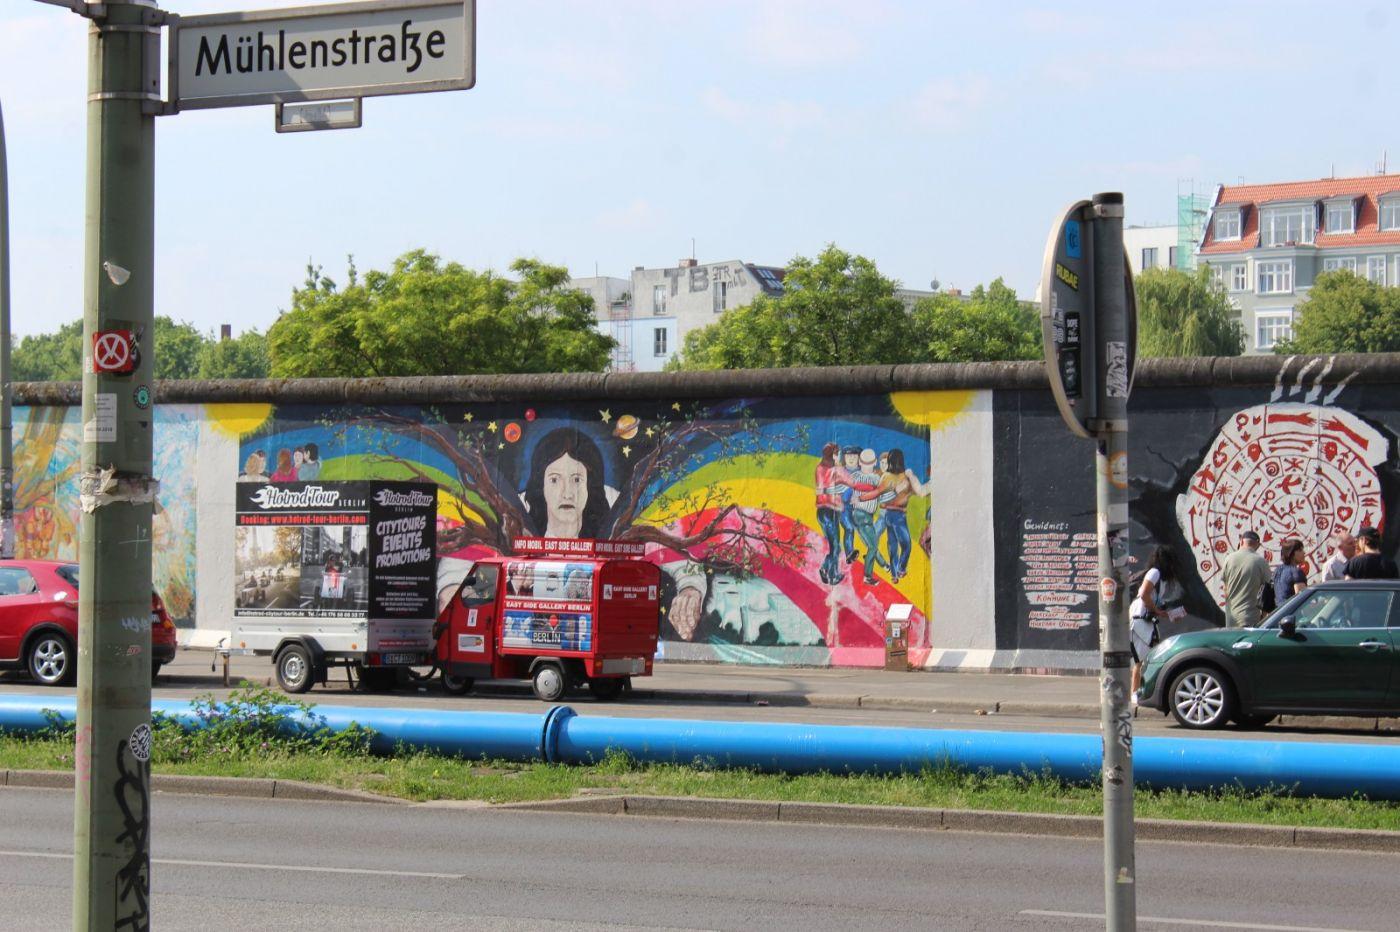 柏林之印象_图1-28